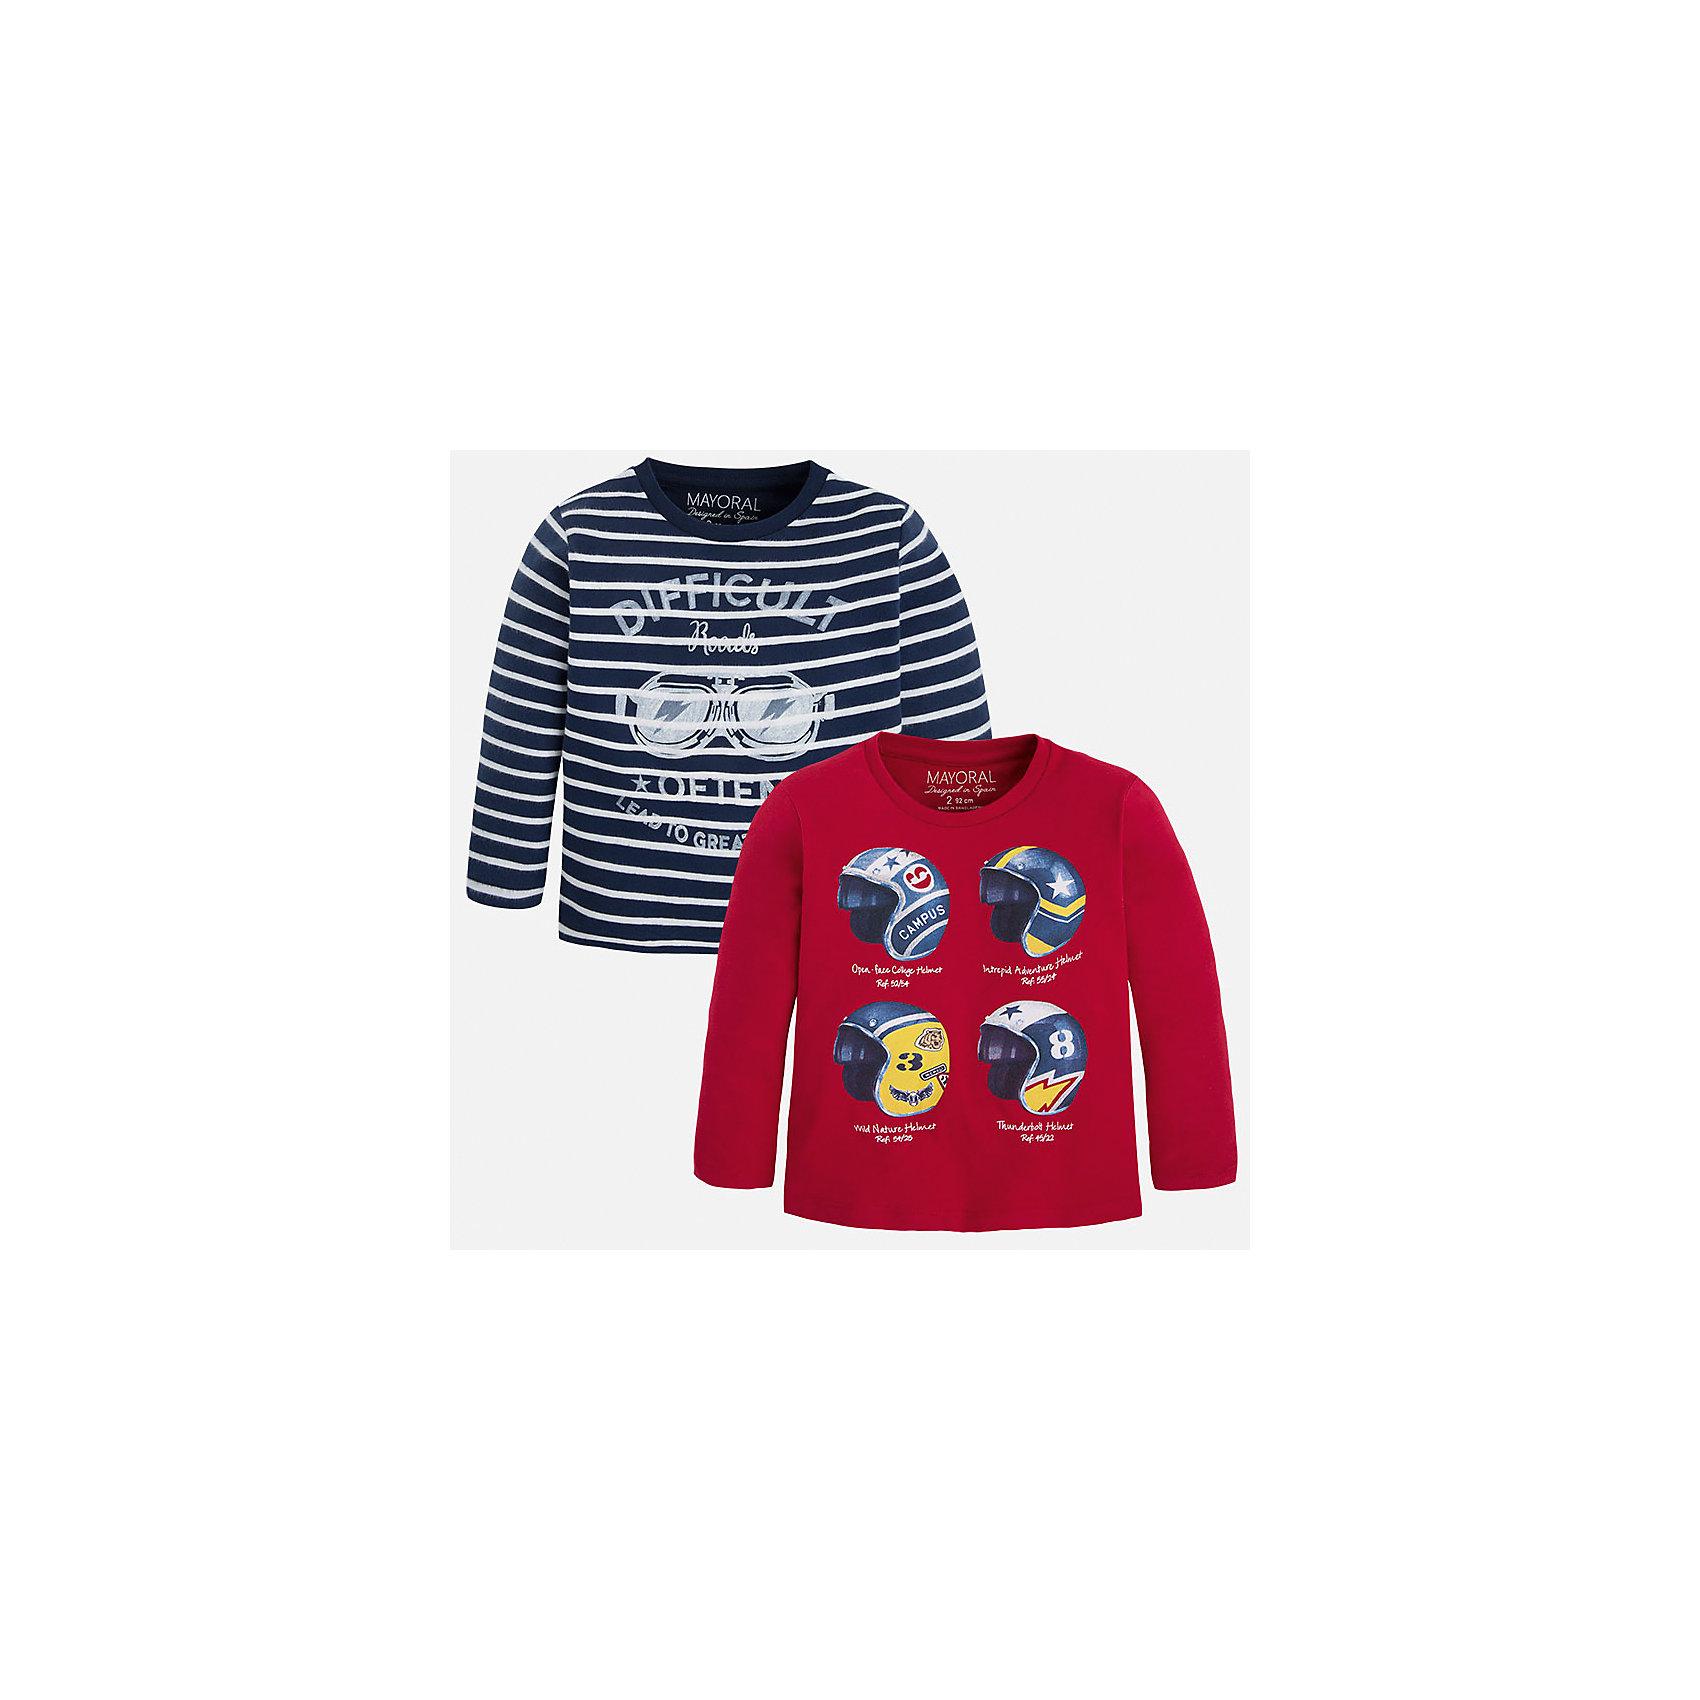 Футболка с длинным рукавом для мальчика, 2 шт. MayoralКомплект из двух футболок от известной испанской марки Mayoral (Майорал) разнообразит повседневный гардероб вашего мальчика. Футболки изготовлены из трикотажного материала (100% хлопок), декорированы оригинальным принтом.<br><br>Дополнительная информация:<br><br>- Комплектация: 2 футболки (вишневая и синяя в белую полоску)<br>- Состав: 100% хлопок<br>- Уход: бережная стирка при 30 градусах<br><br>Футболка с длинным рукавом 2шт. для мальчика Mayoral (Майорал) можно купить в нашем интернет-магазине.<br><br>Ширина мм: 230<br>Глубина мм: 40<br>Высота мм: 220<br>Вес г: 250<br>Цвет: бордовый<br>Возраст от месяцев: 18<br>Возраст до месяцев: 24<br>Пол: Мужской<br>Возраст: Детский<br>Размер: 134,104,110,116,122,128,92,98<br>SKU: 4820860